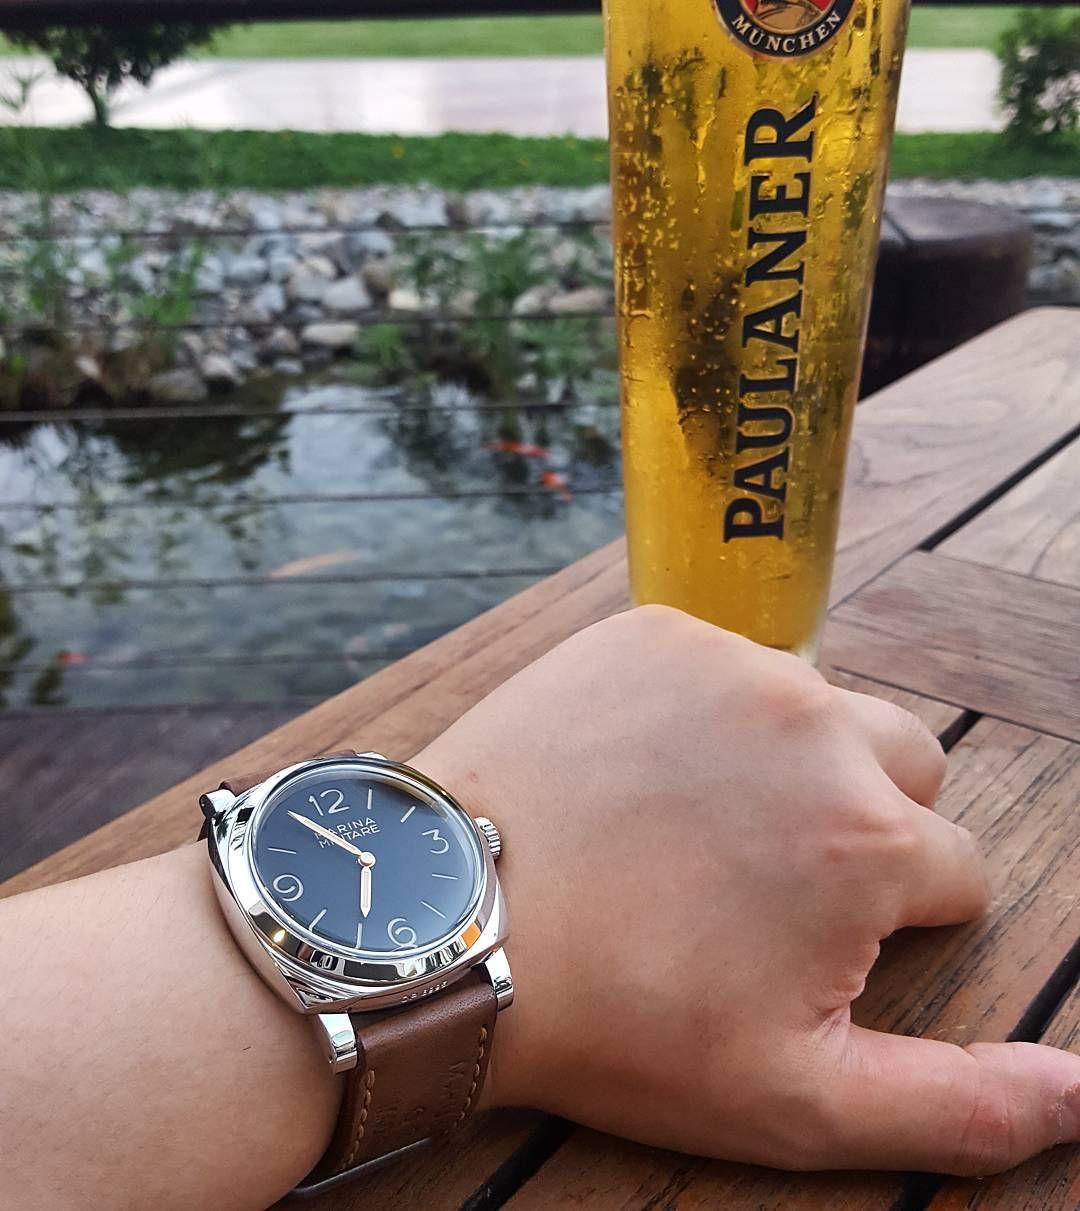 Chillin at my favourite place #pam587 #wristshot #watchpics #watchaddict #watchstraps #wruw #wis #womw #wotd #radiomir #koi #유유자적 #천하태평 #맥주스타그램 #파울라너 #데일리그램 by seanswy www.womw.co